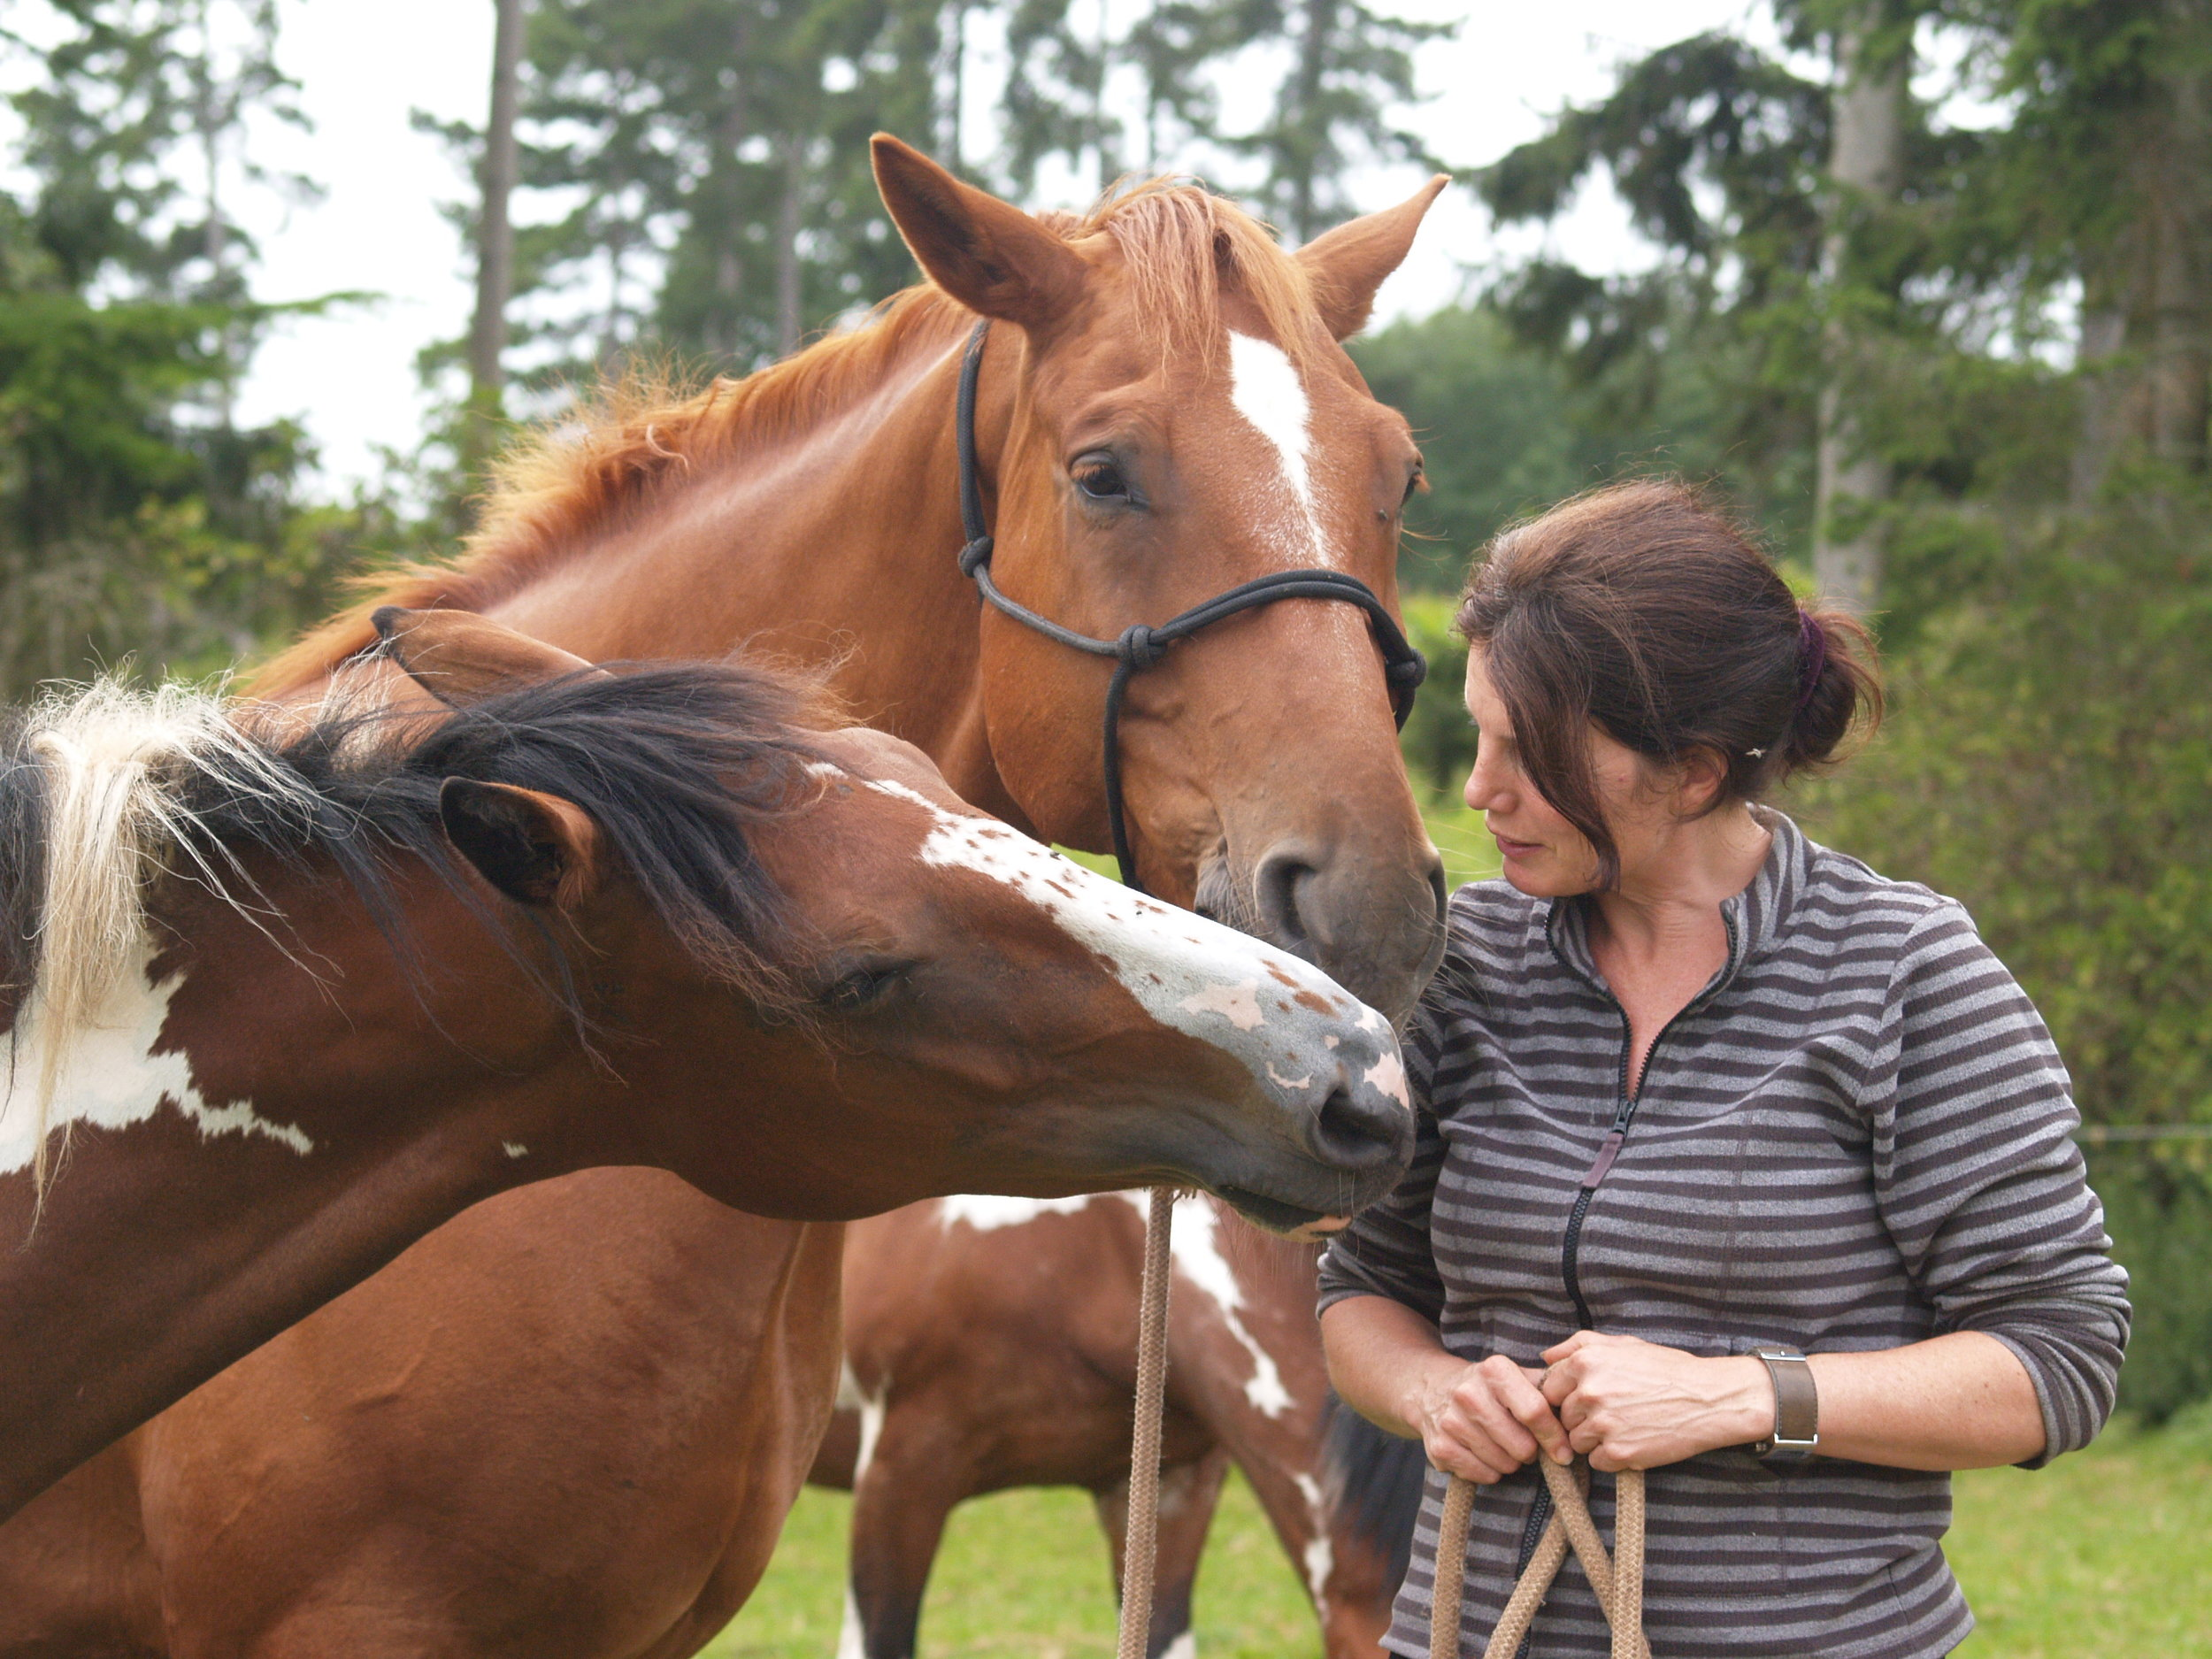 miranda-carey-horses.jpg